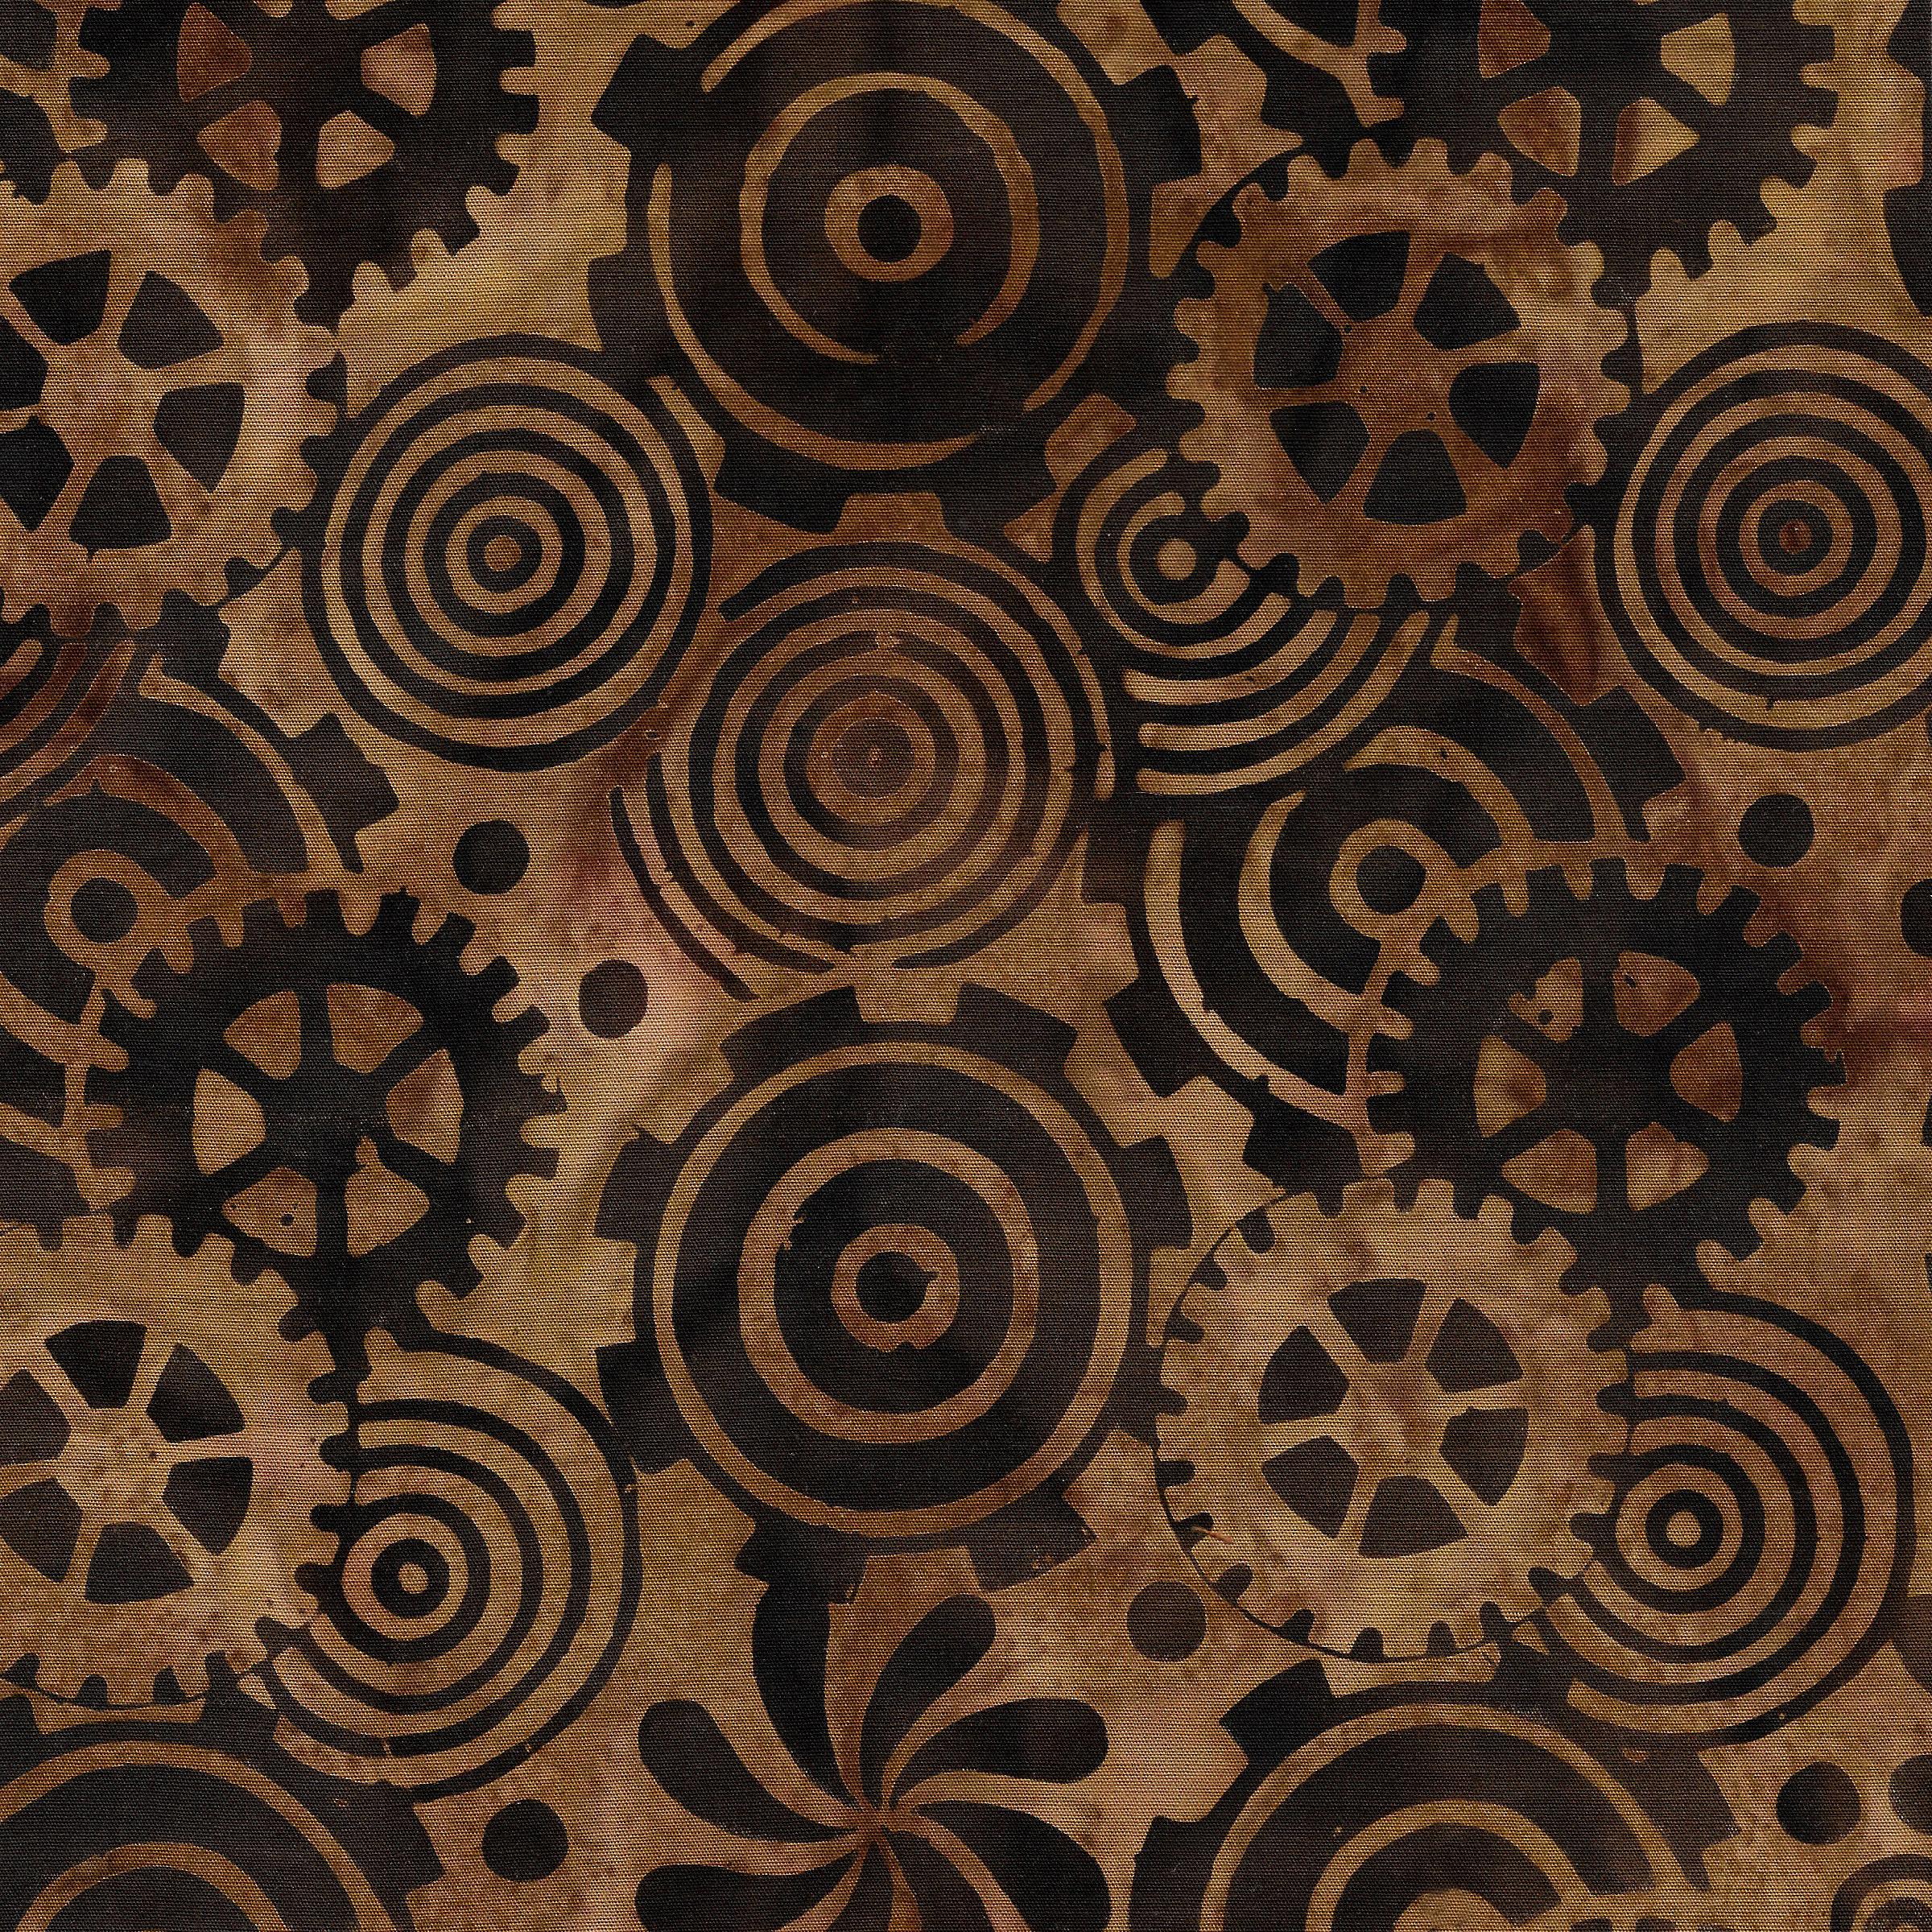 111915079 / Gears-Latte